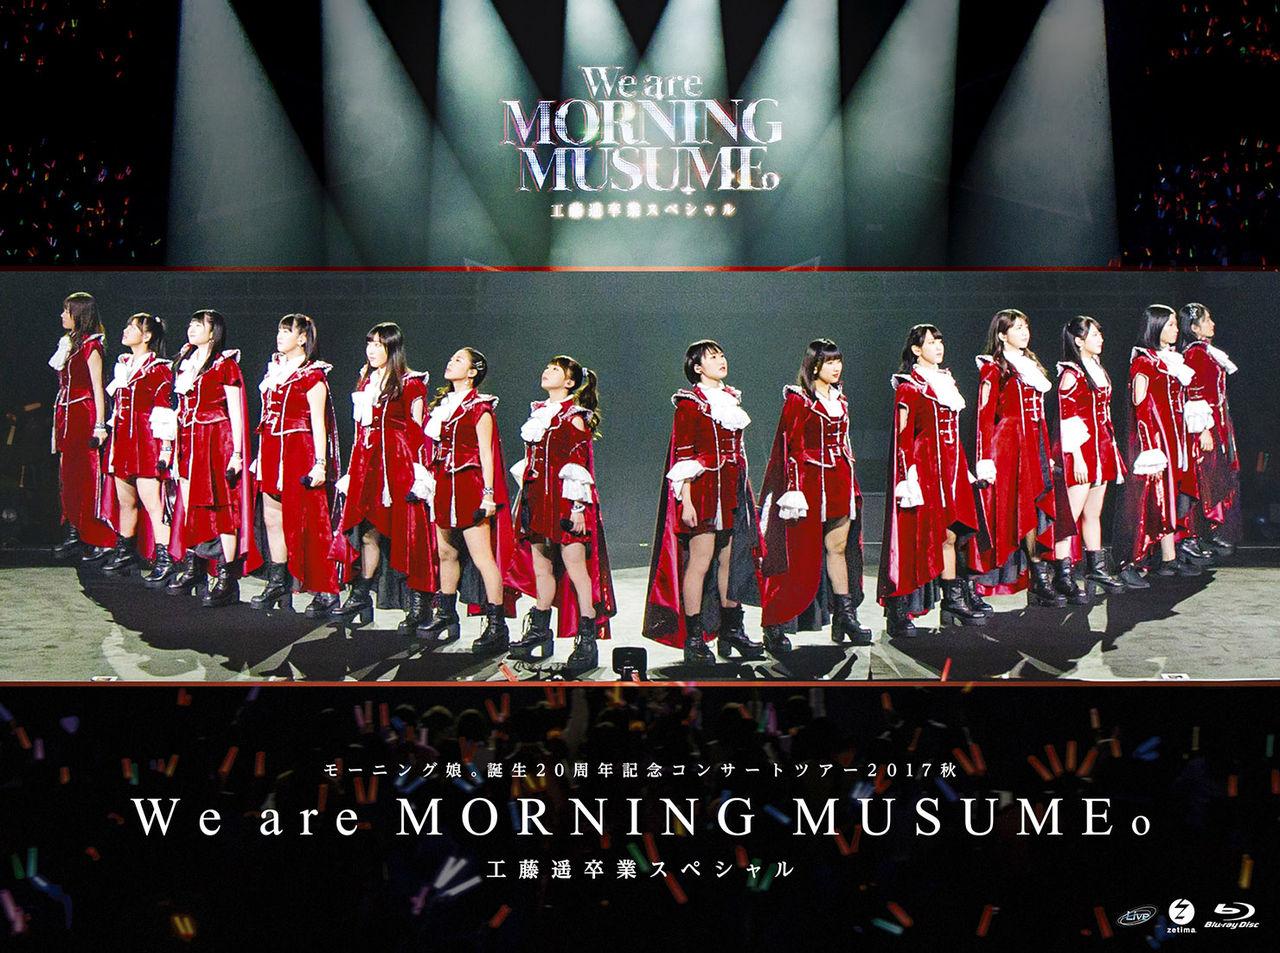 【エンタメ画像】We are MORNING MUSUME♪工藤遥卒業スペシャルのジャケット来たぞ!!!!